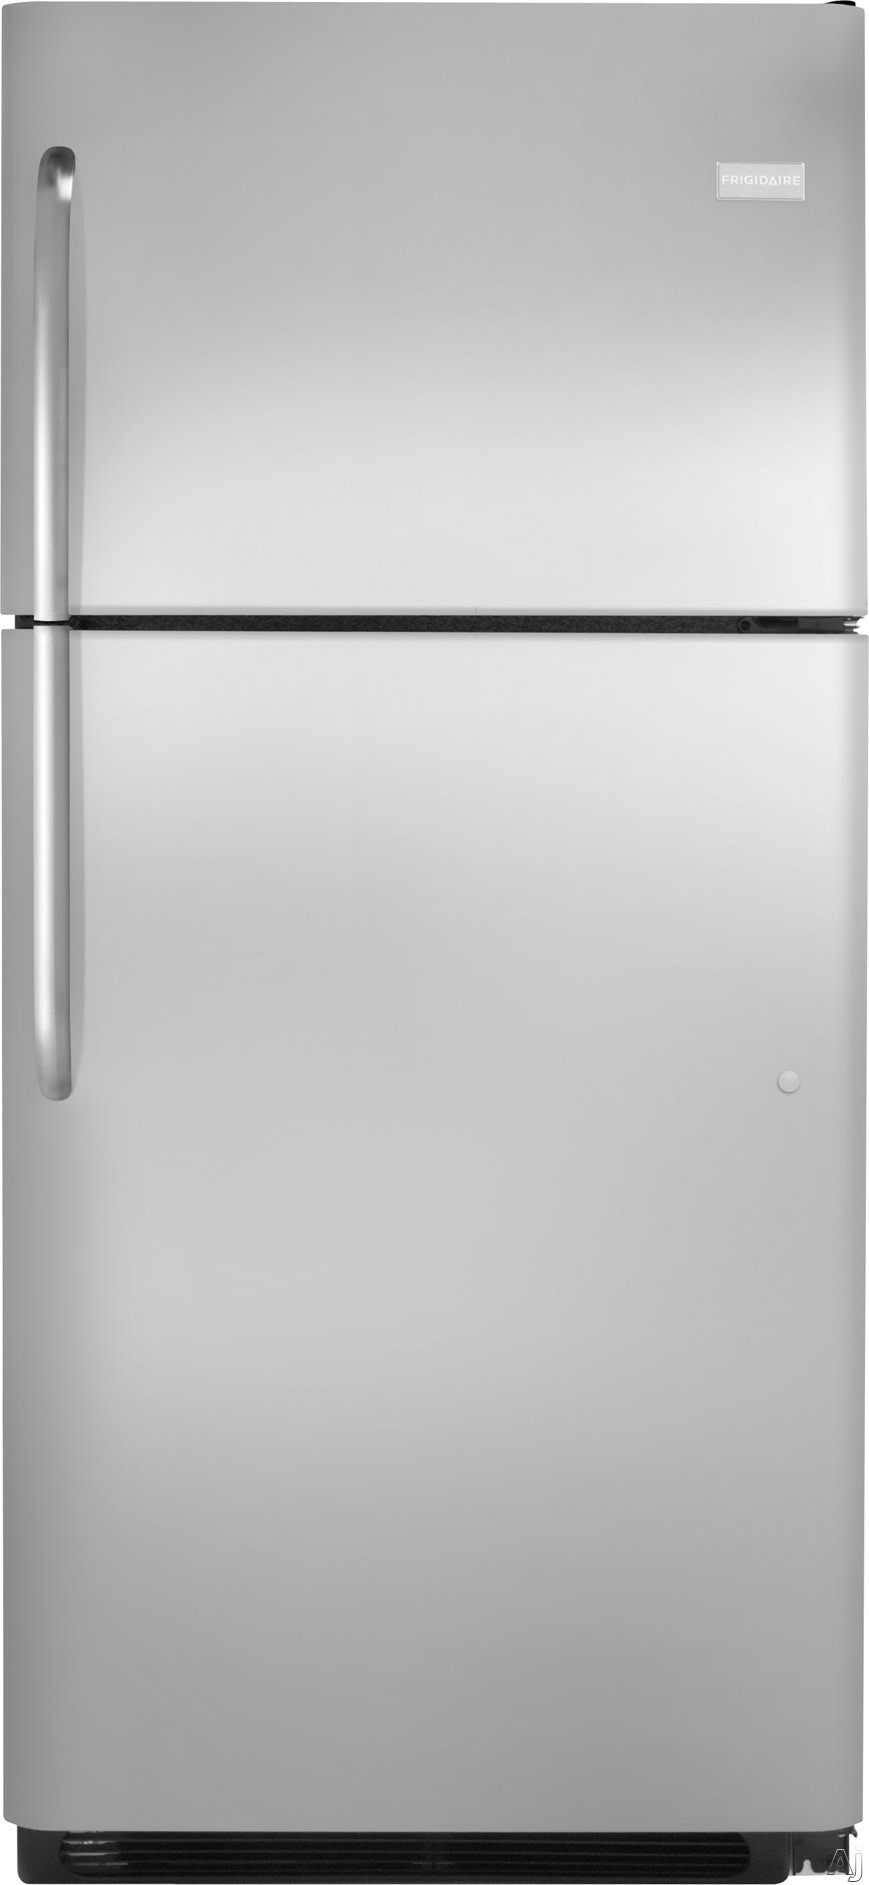 Frigidaire Refrigeration,Frigidaire Refrigerators,Frigidaire Top-Mount Refrigerators